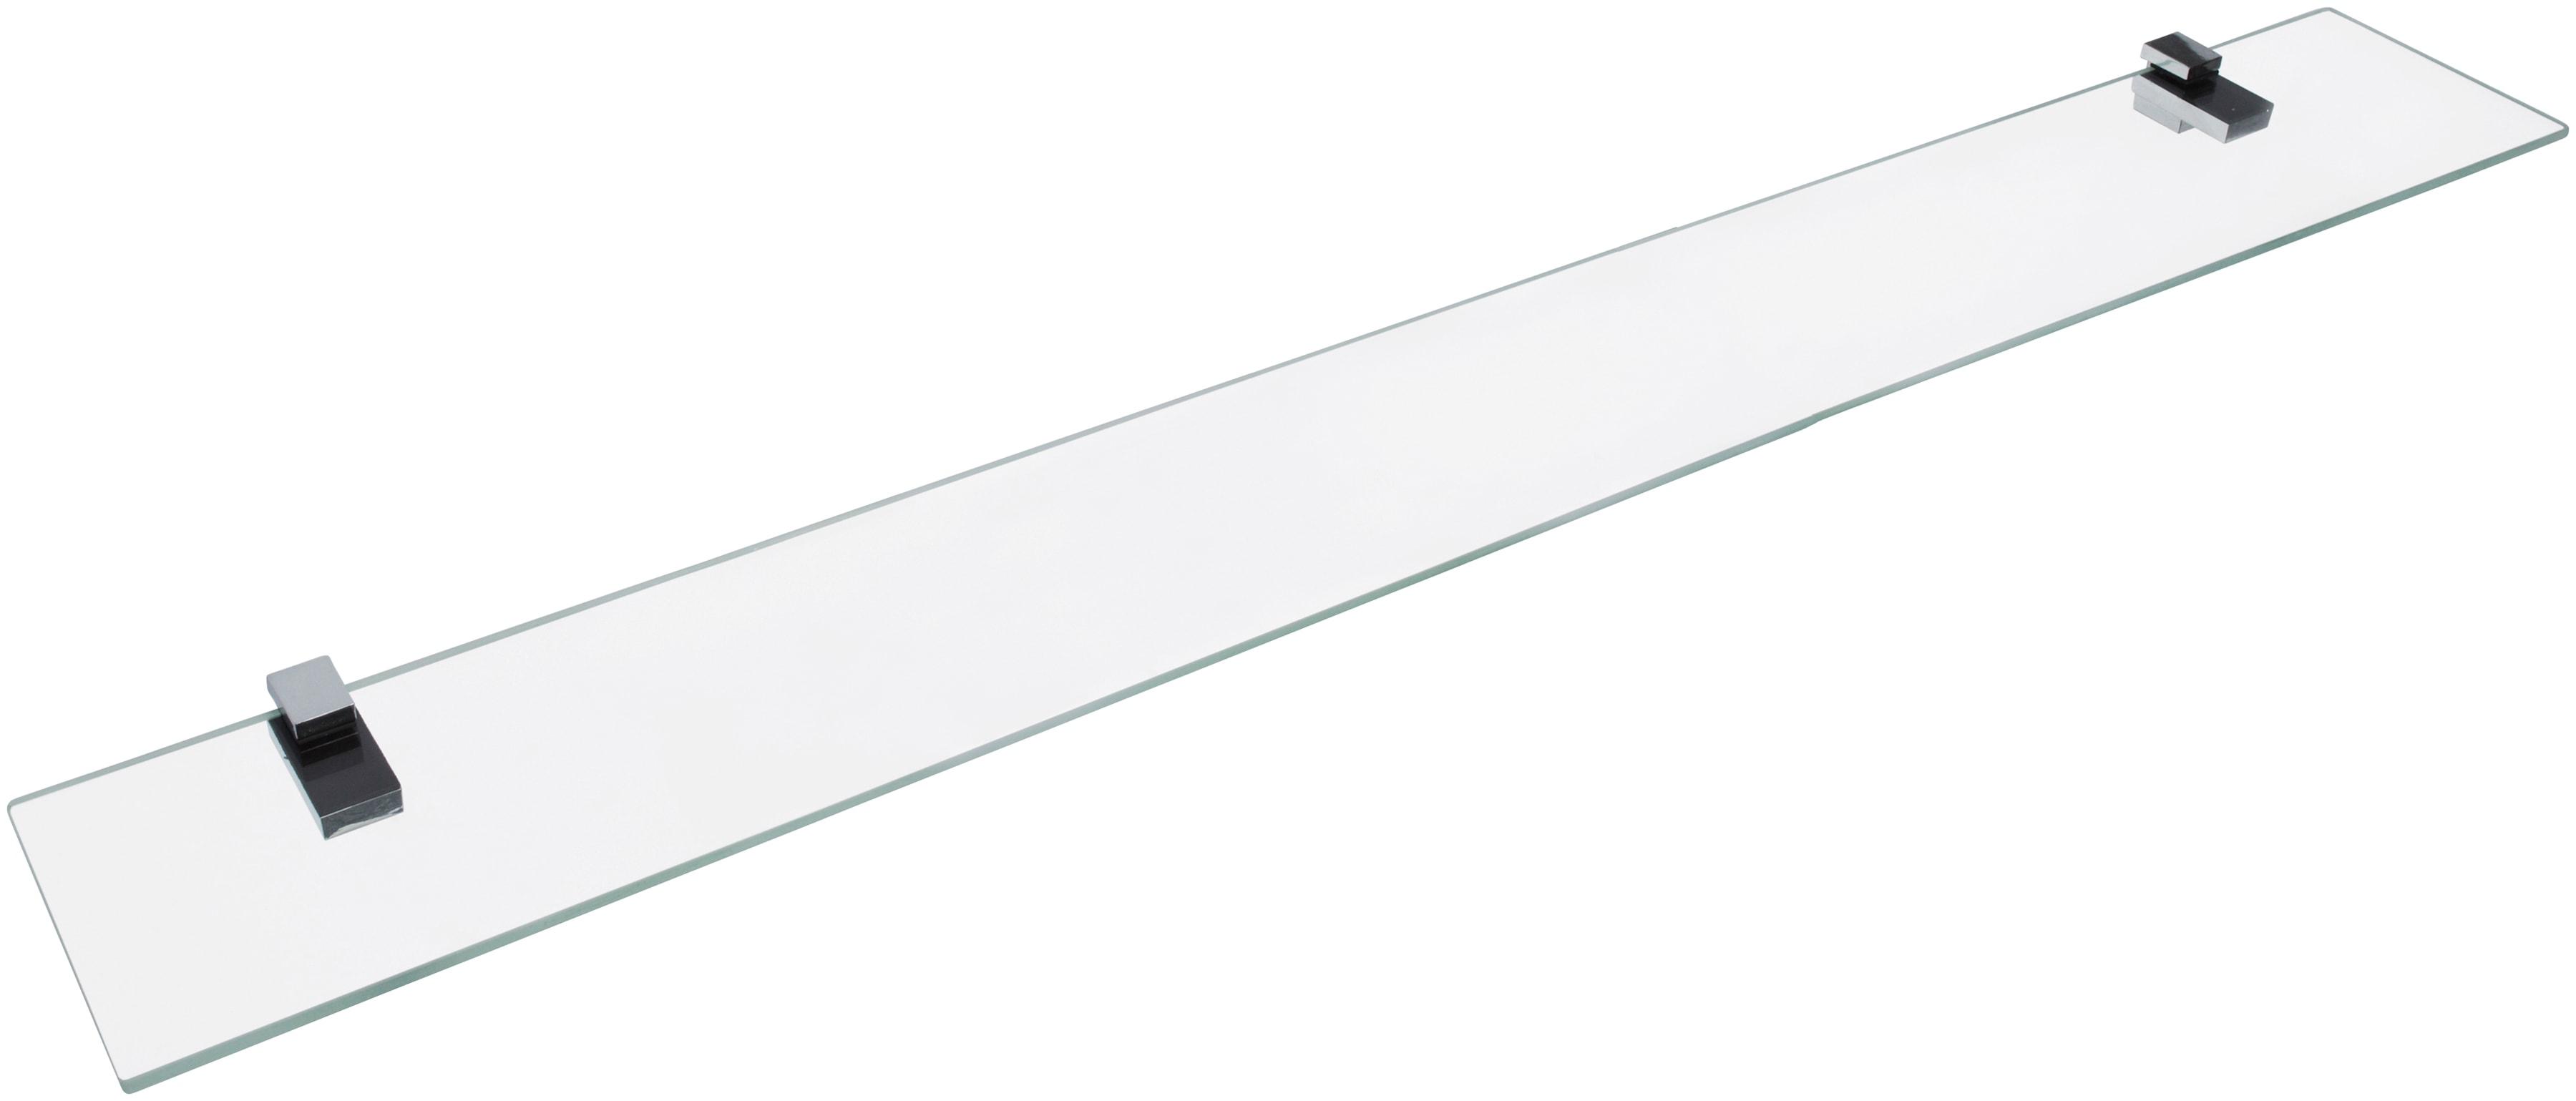 Wandablage-Breite-100-Cm-Fackelmann-Wohnen-Badregale-Regale-Einfache-Montage Indexbild 3